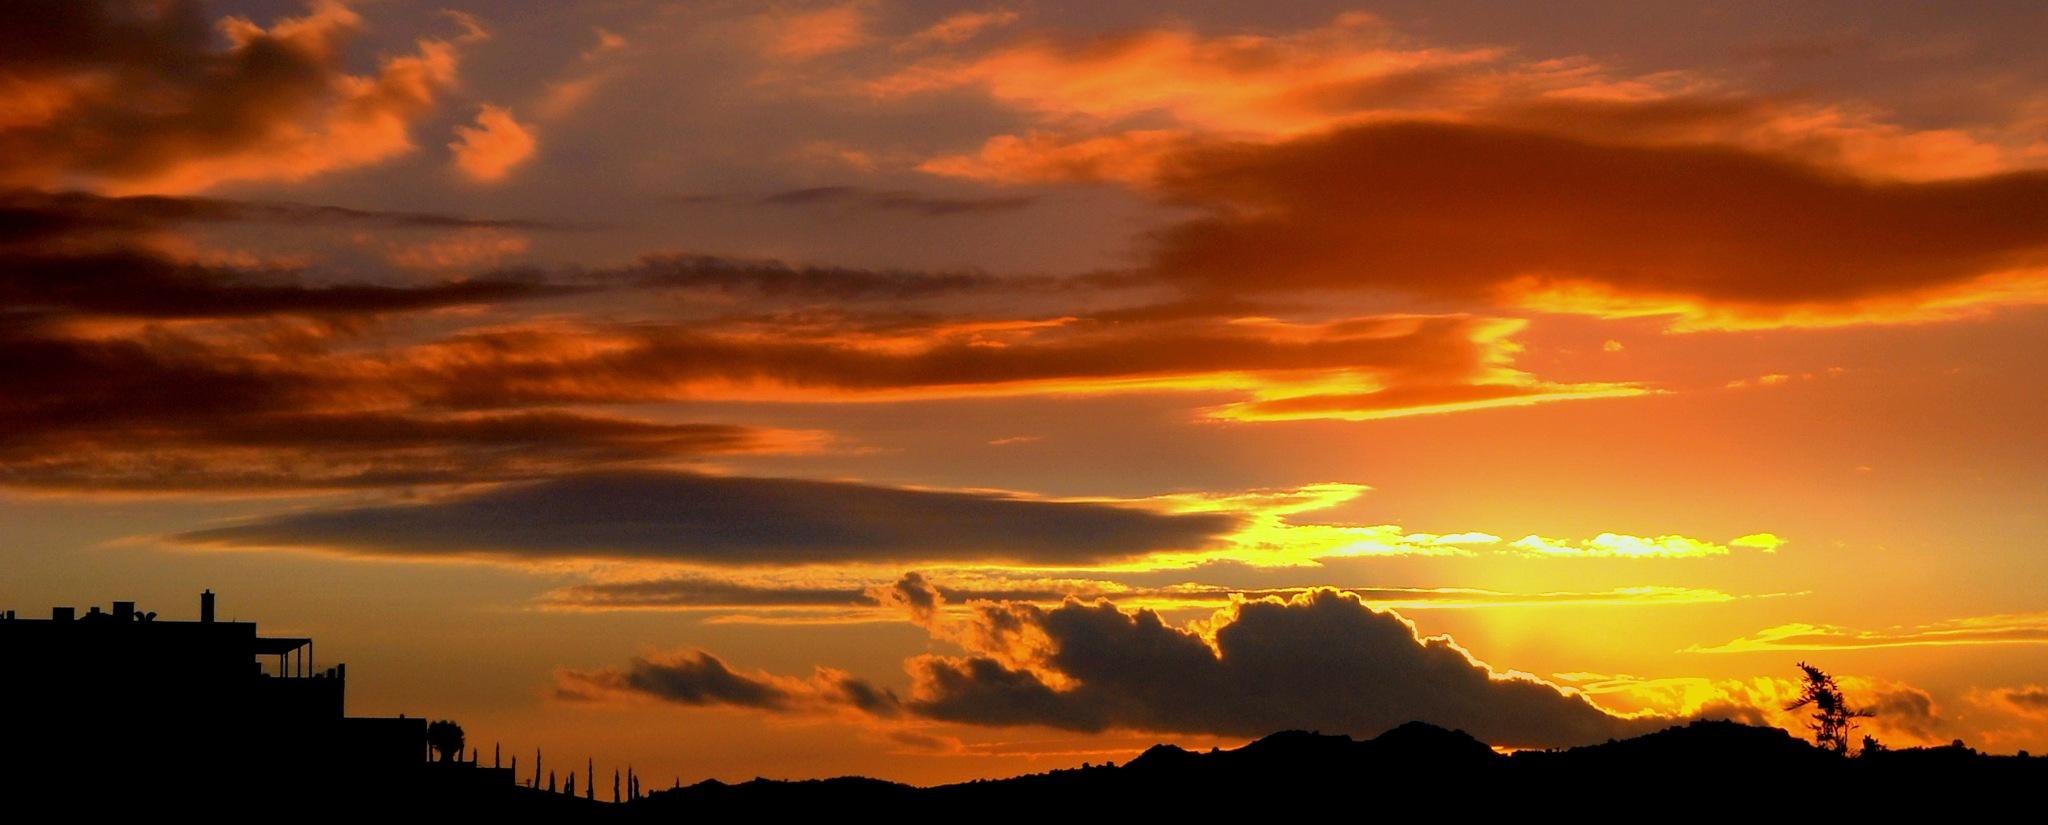 BEAUTIFUL SUNSETS 7, BITEZ by Akin Saner